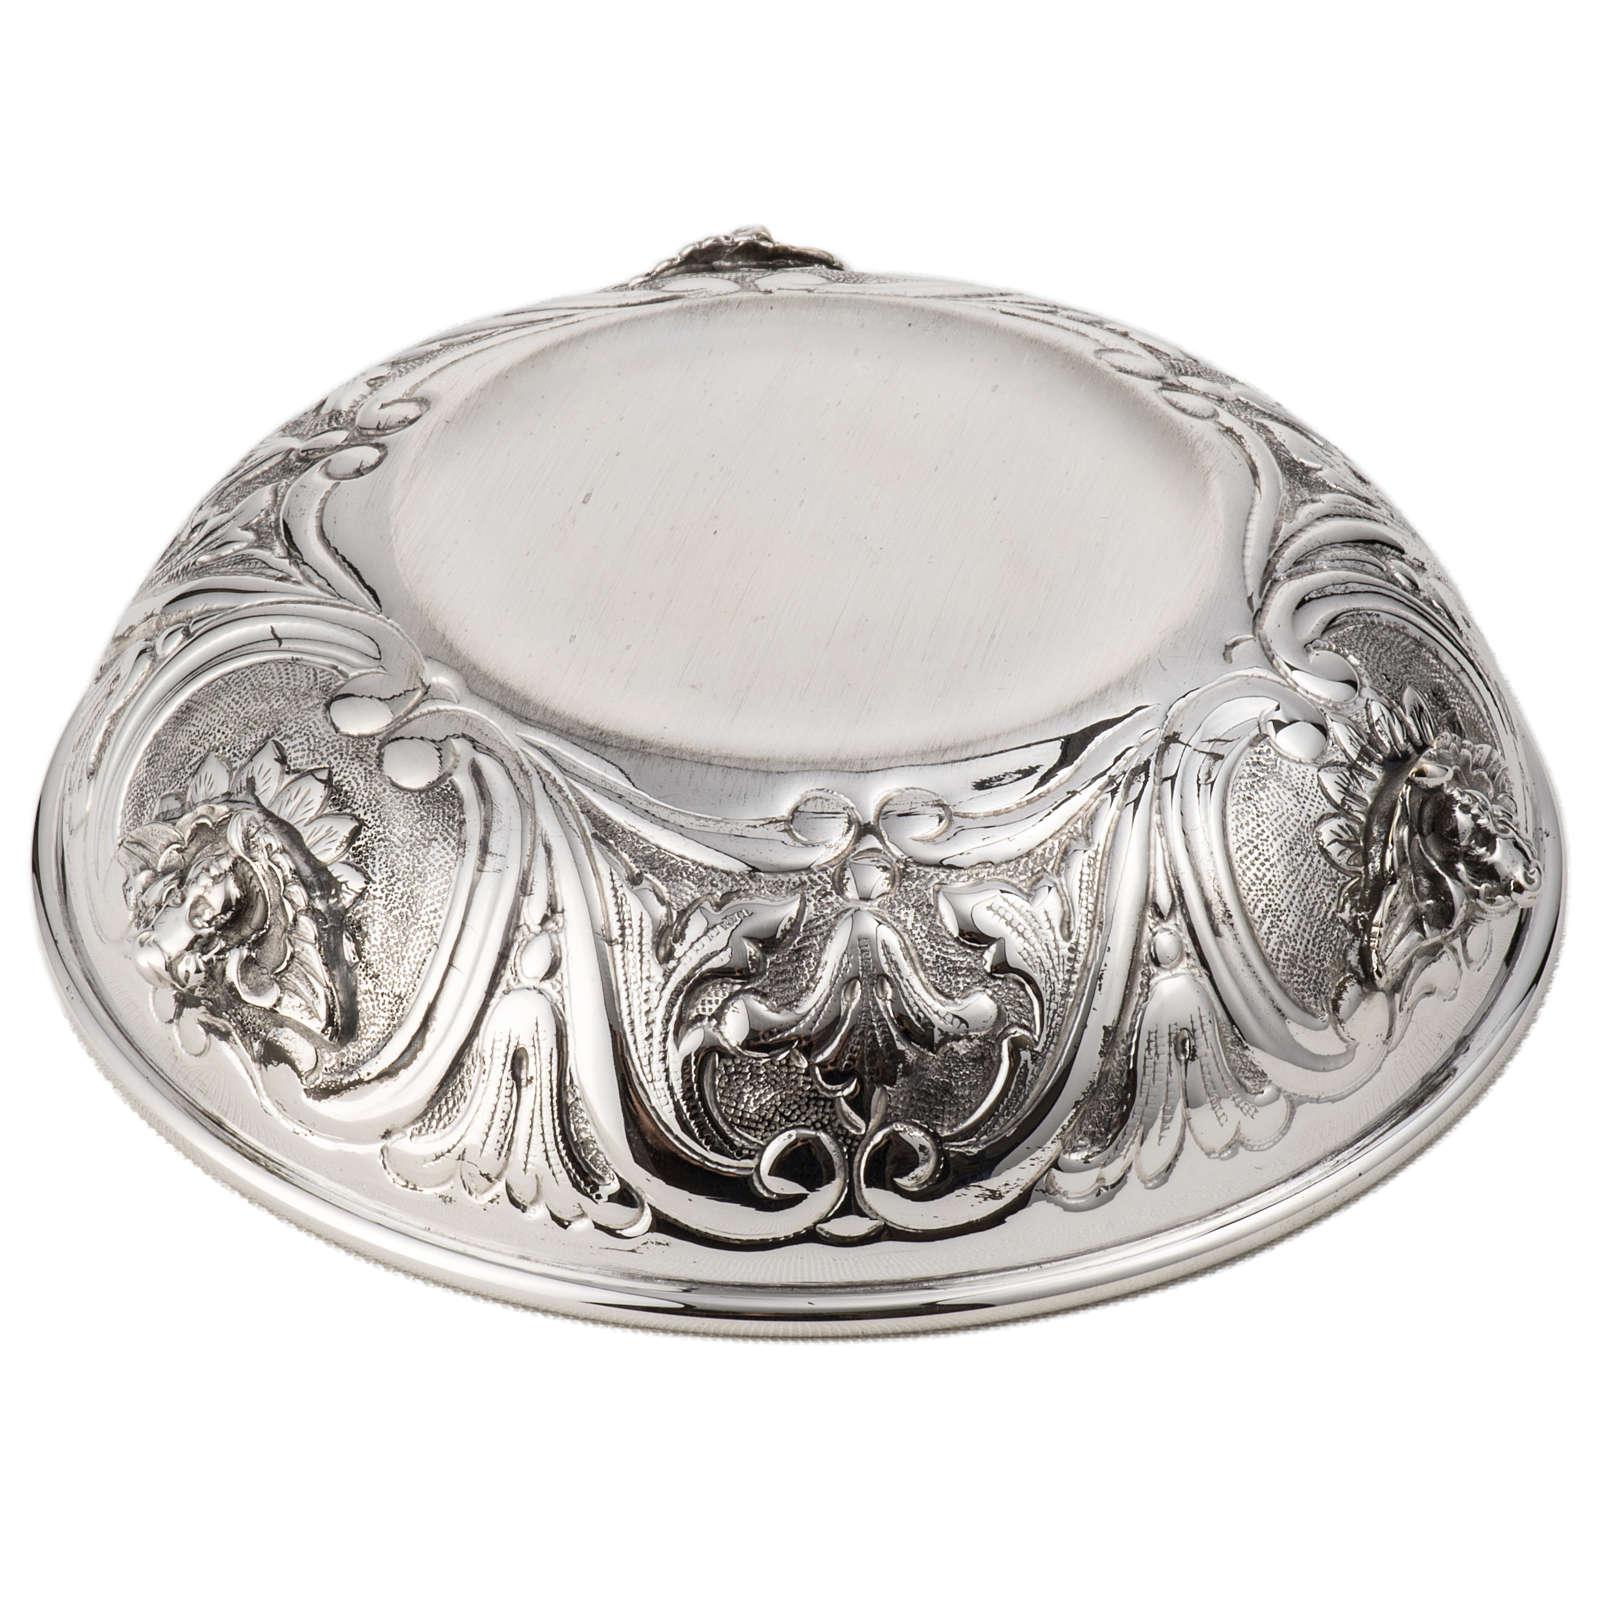 Patena escudilla en plata 800 4